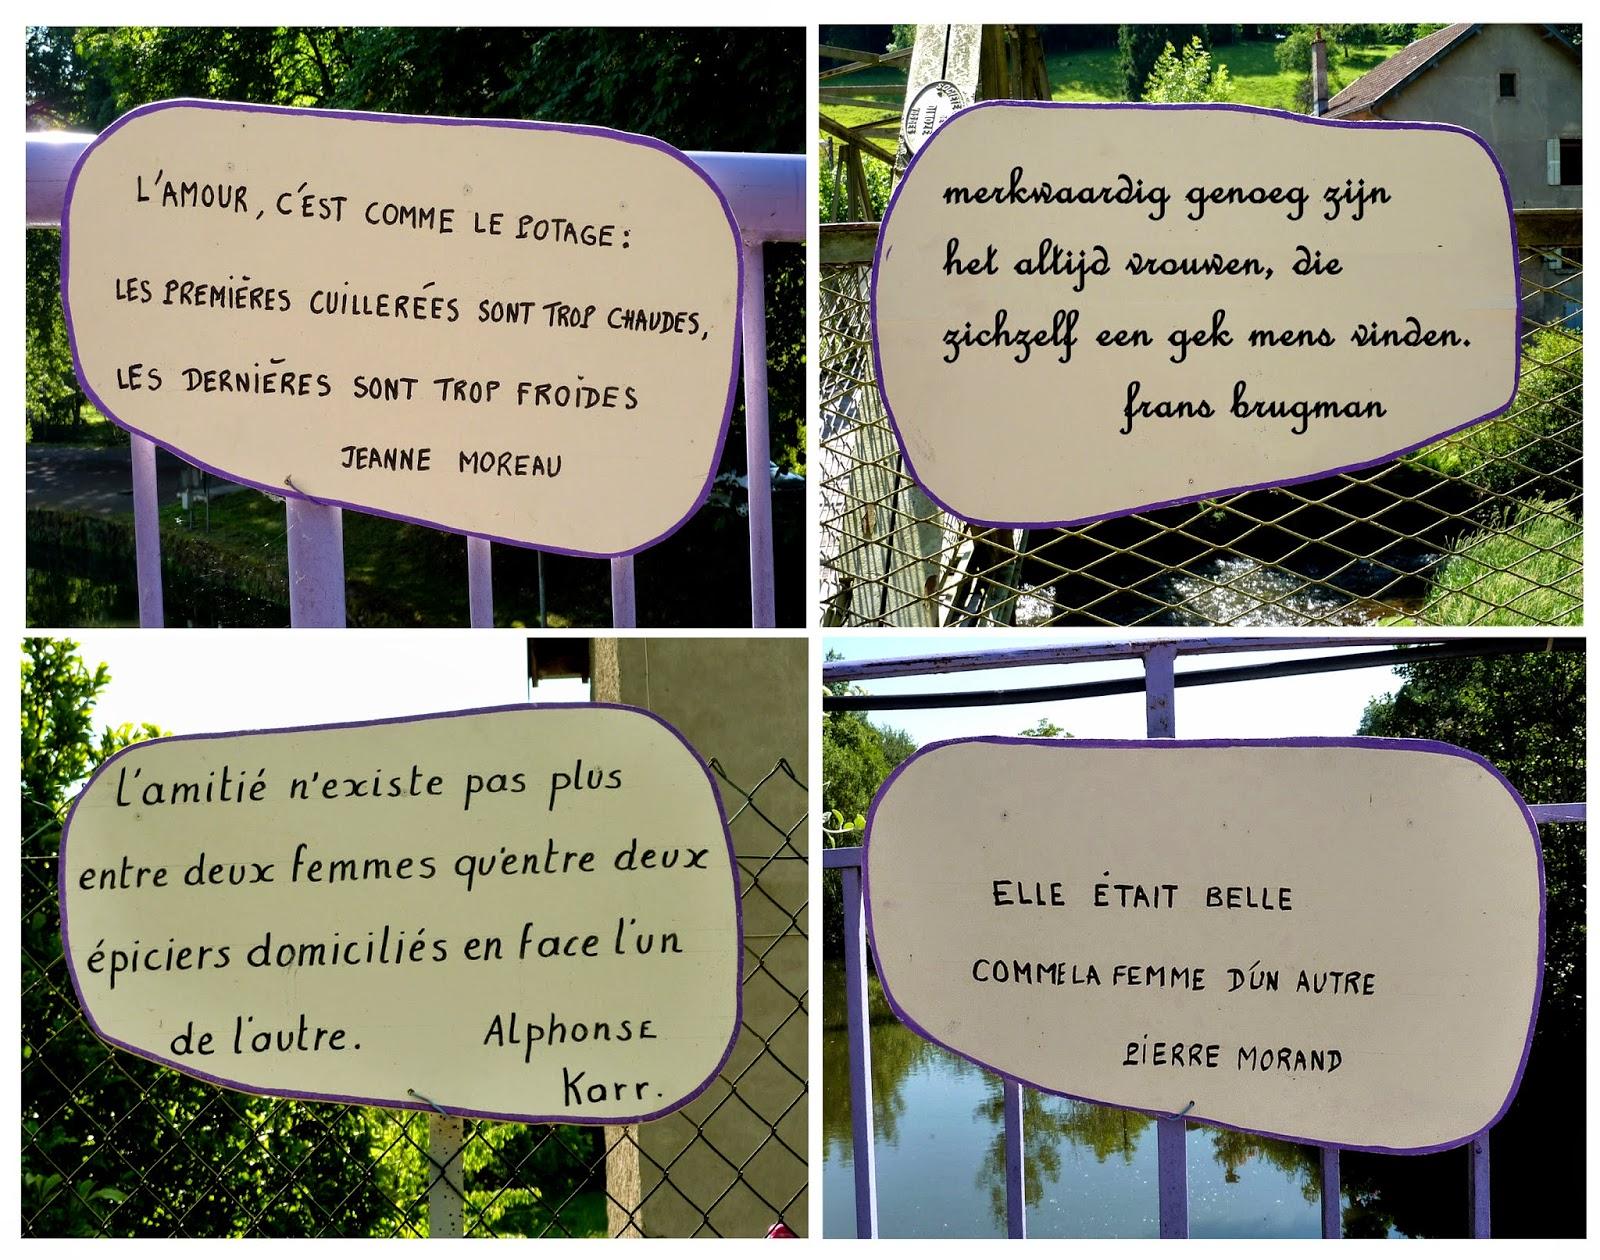 spreuken over de zomer Franse Spreuken   ARCHIDEV spreuken over de zomer